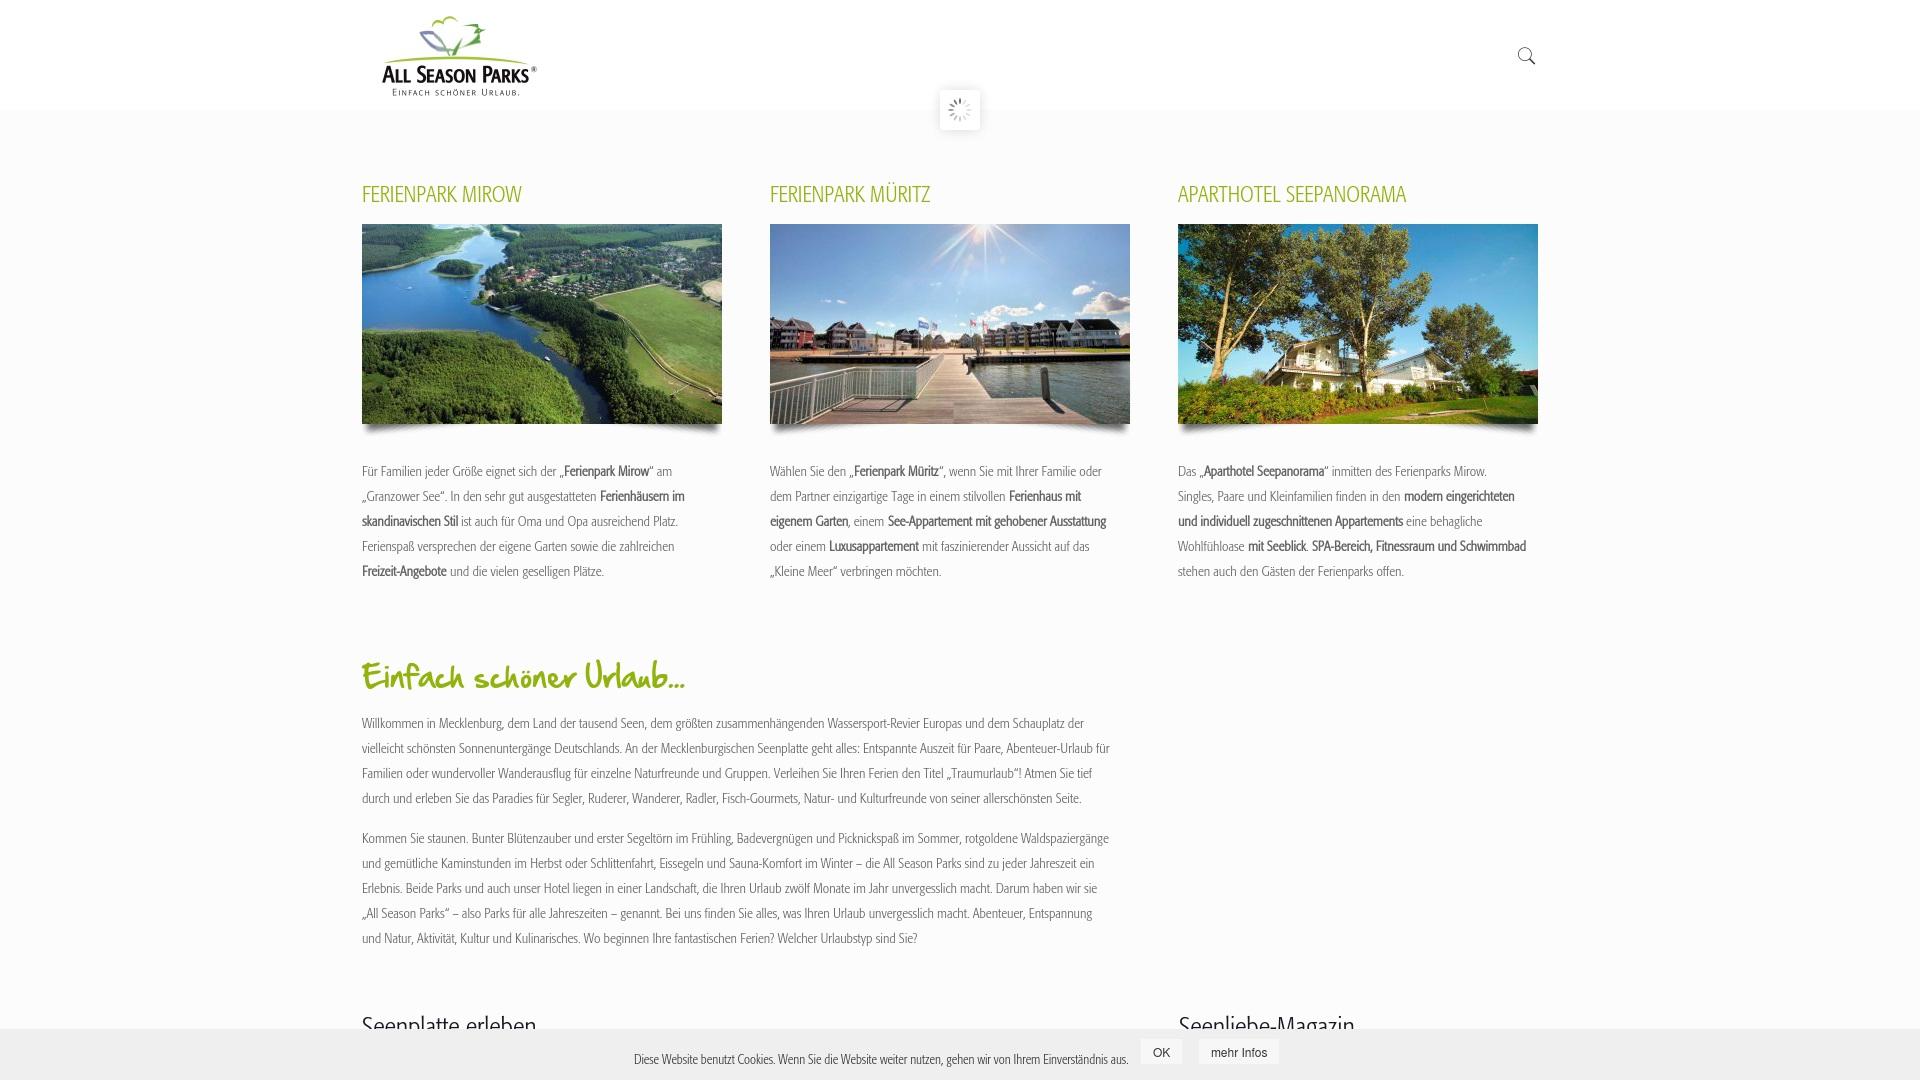 Gutschein für Allseasonparks: Rabatte für  Allseasonparks sichern